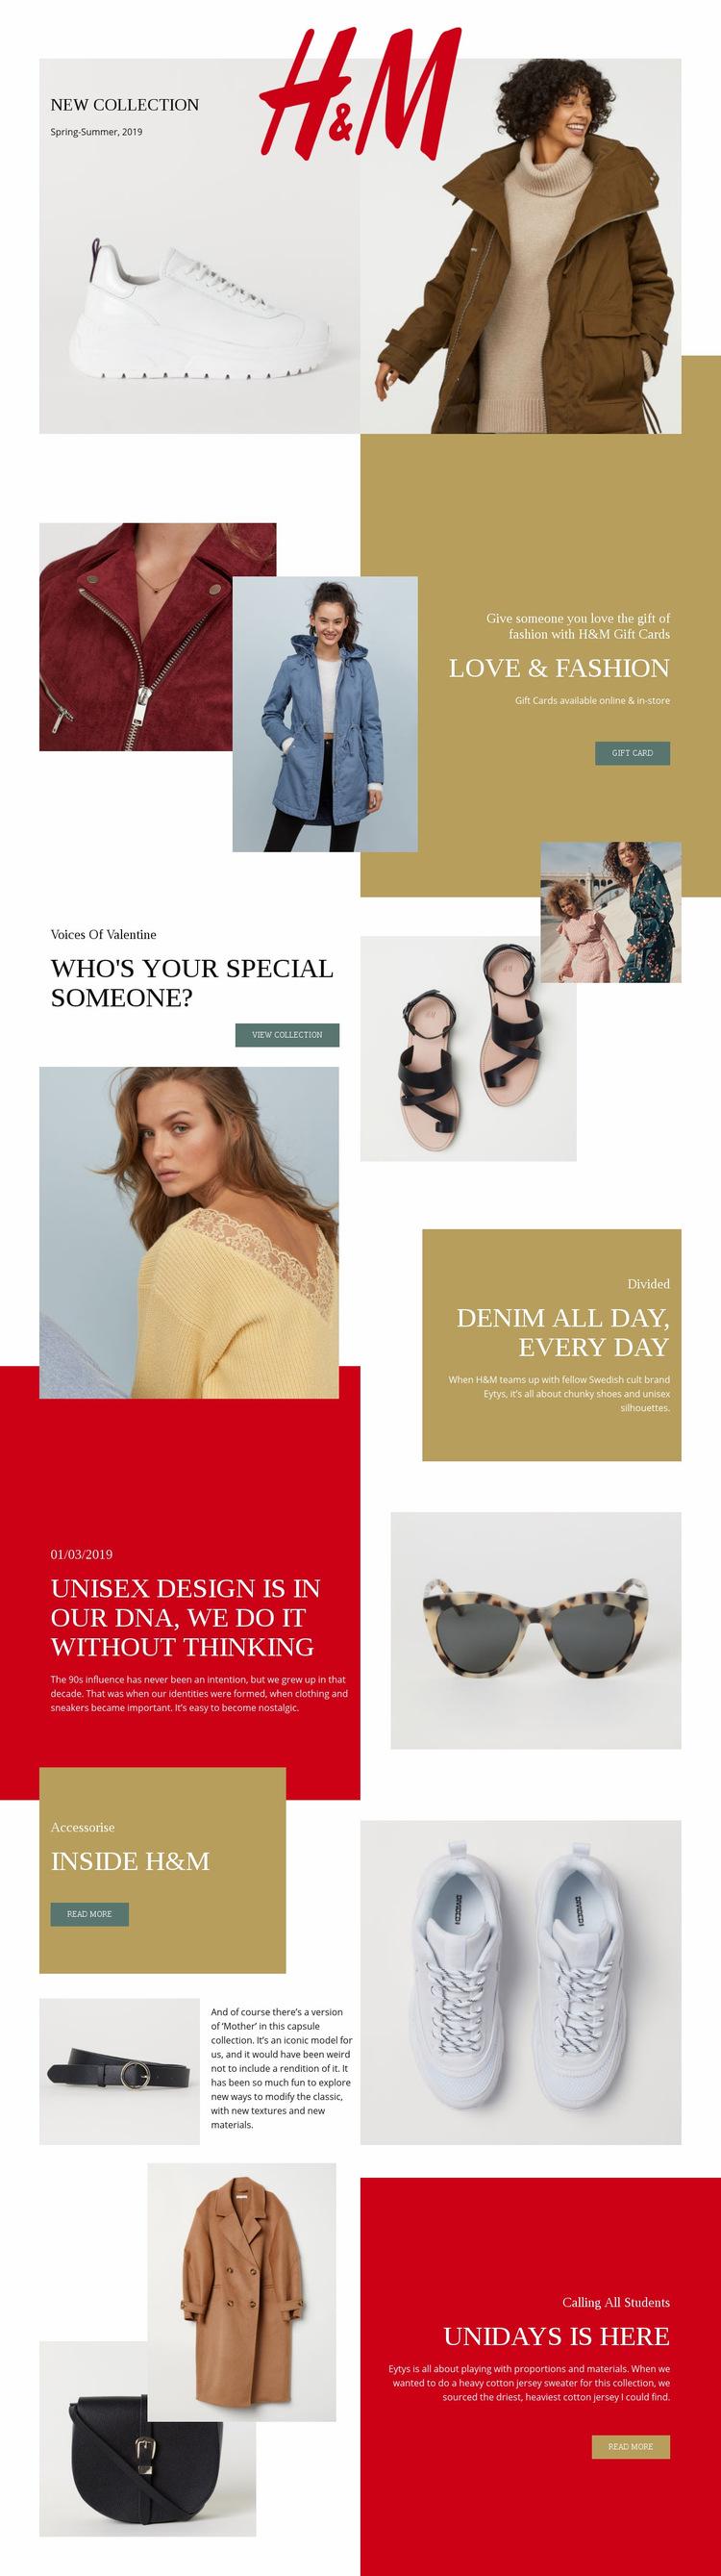 HM Web Page Design